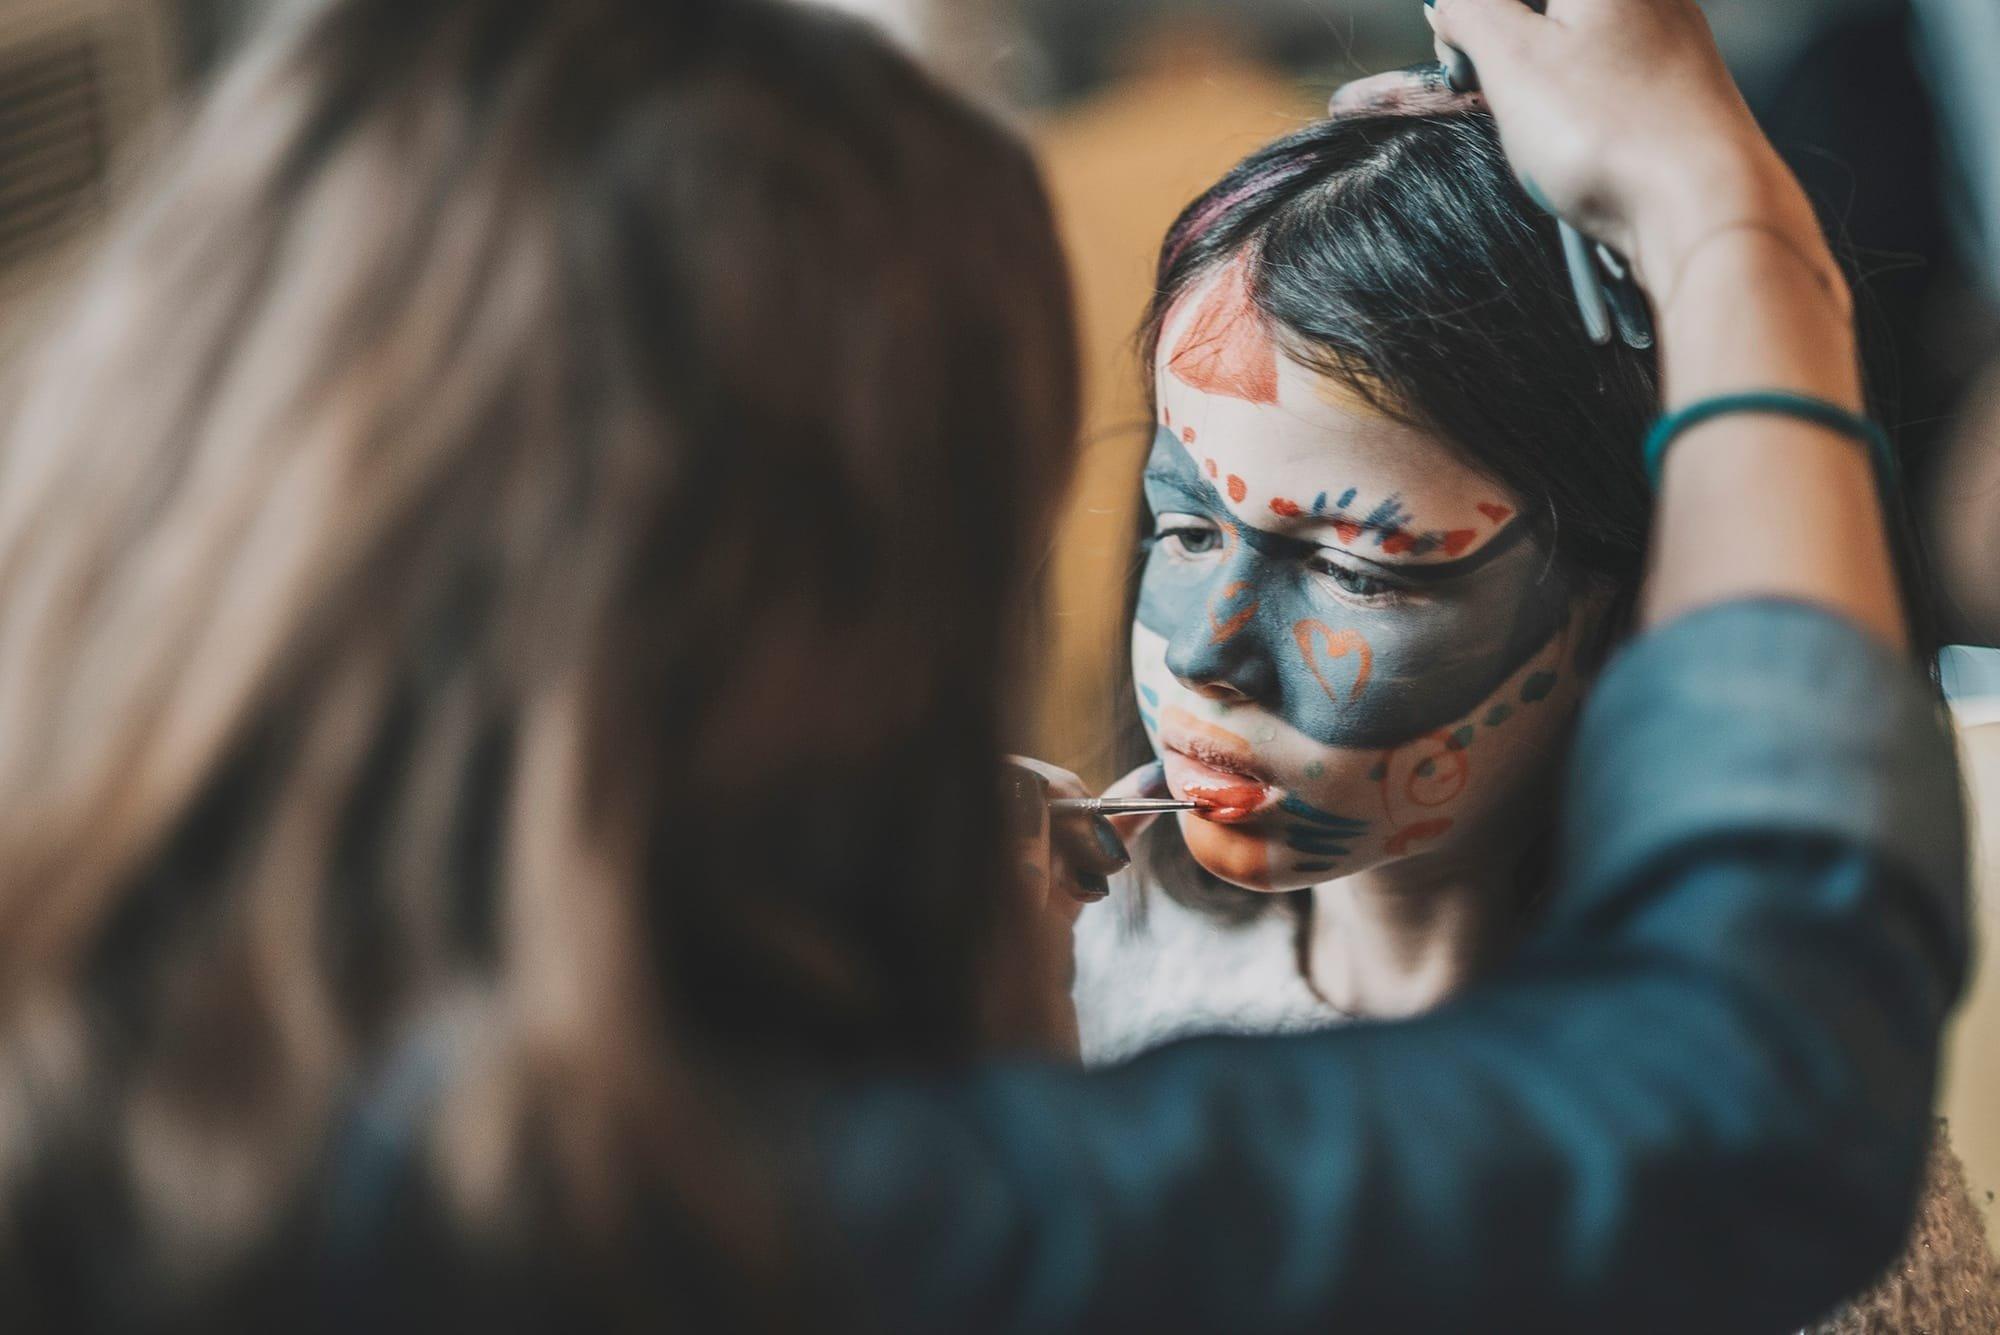 Anais Faure en train de faire un maquillage enfant sur un enfant